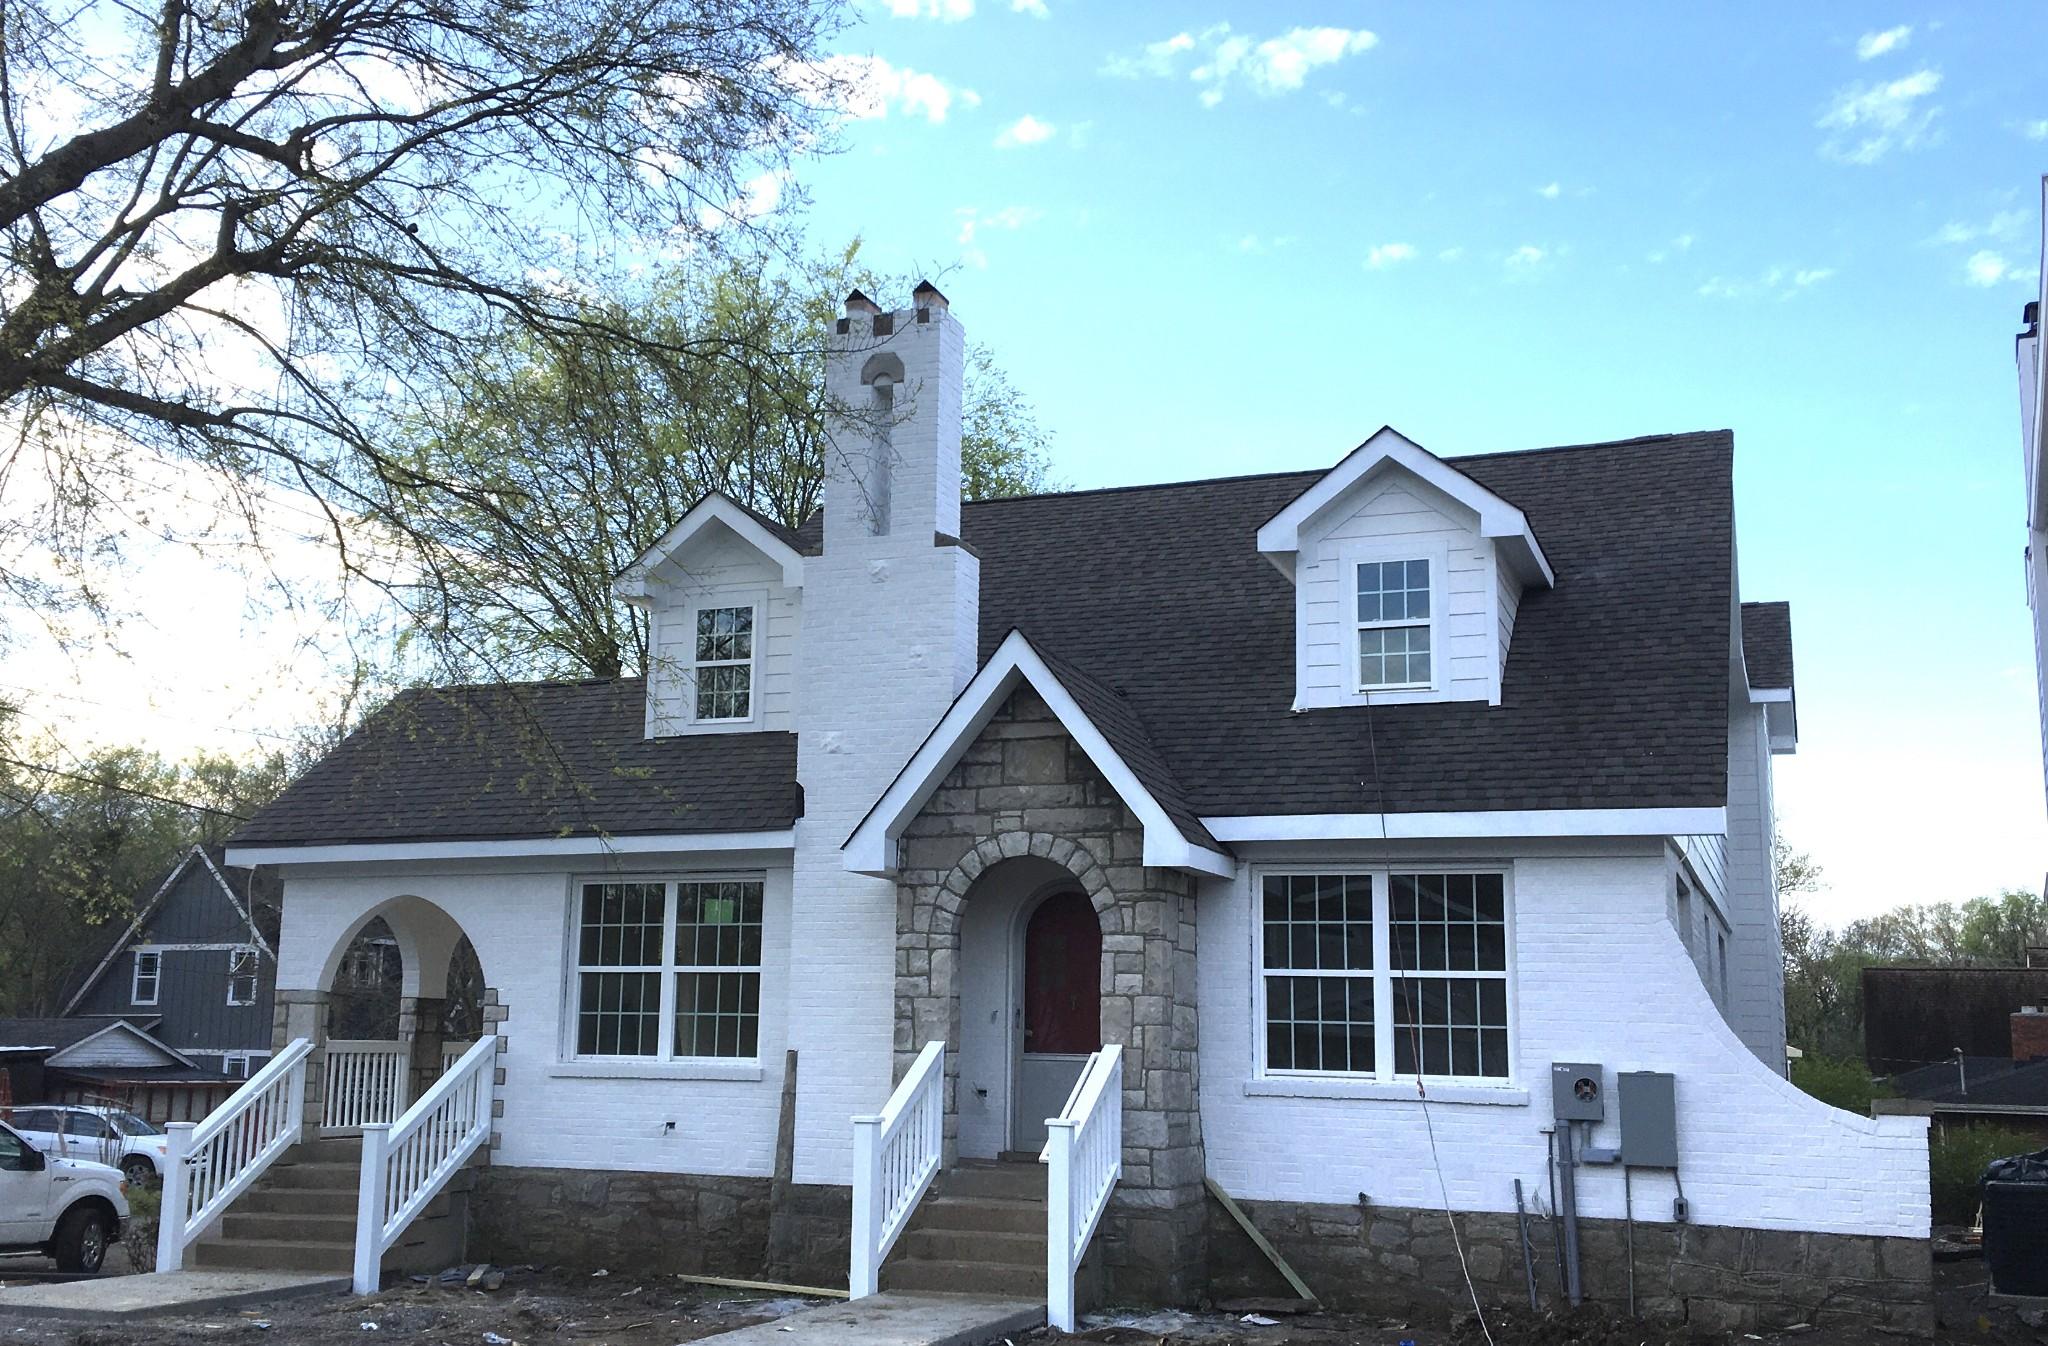 4309 Westlawn Dr, Nashville, TN 37209 - Nashville, TN real estate listing